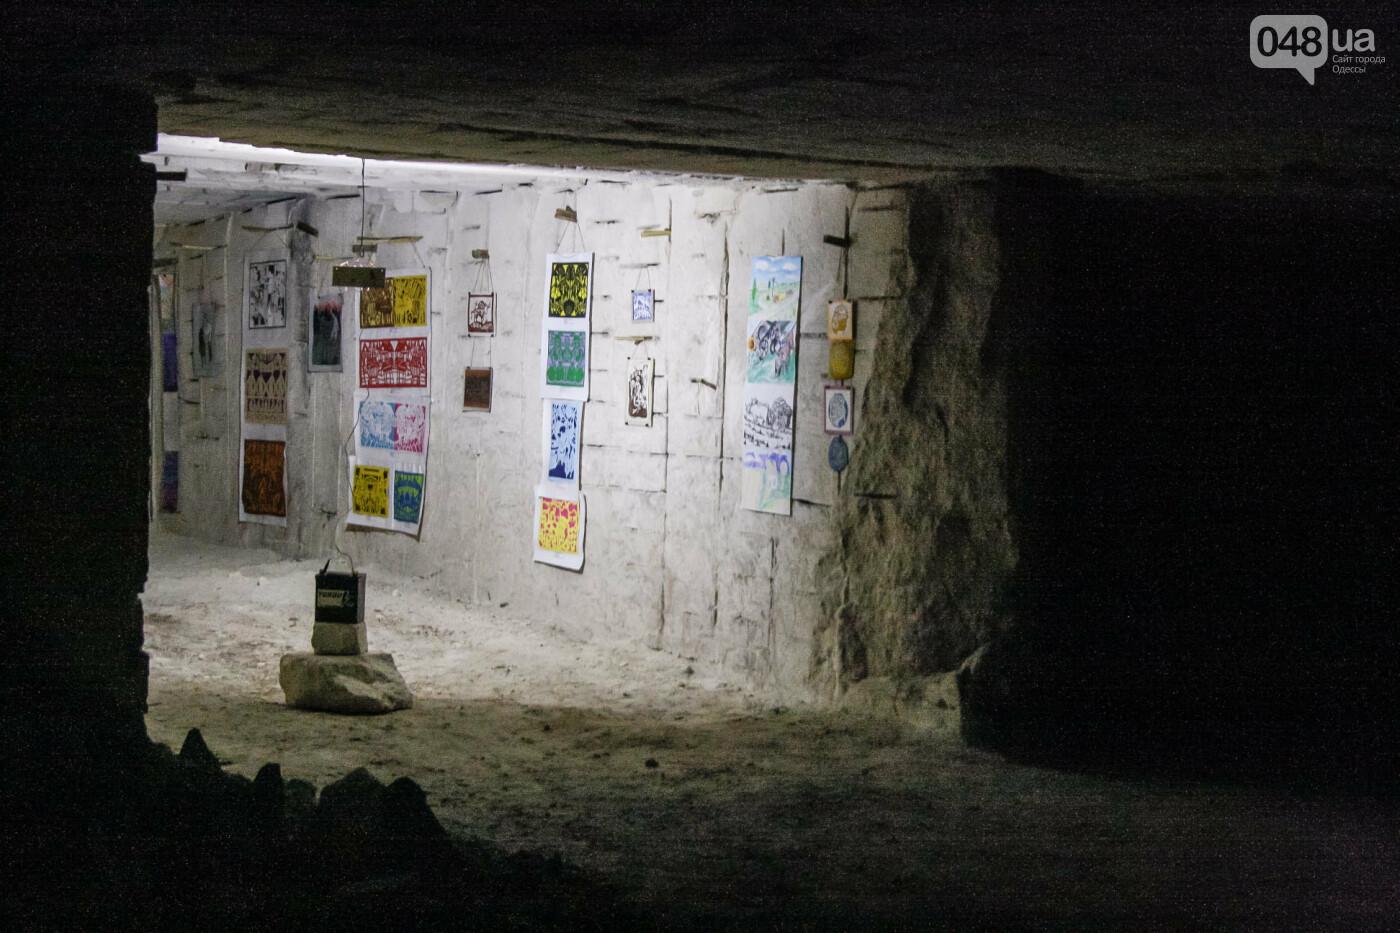 В Одесской области открылась выставка под землей,-ФОТОРЕПОРТАЖ, фото-16